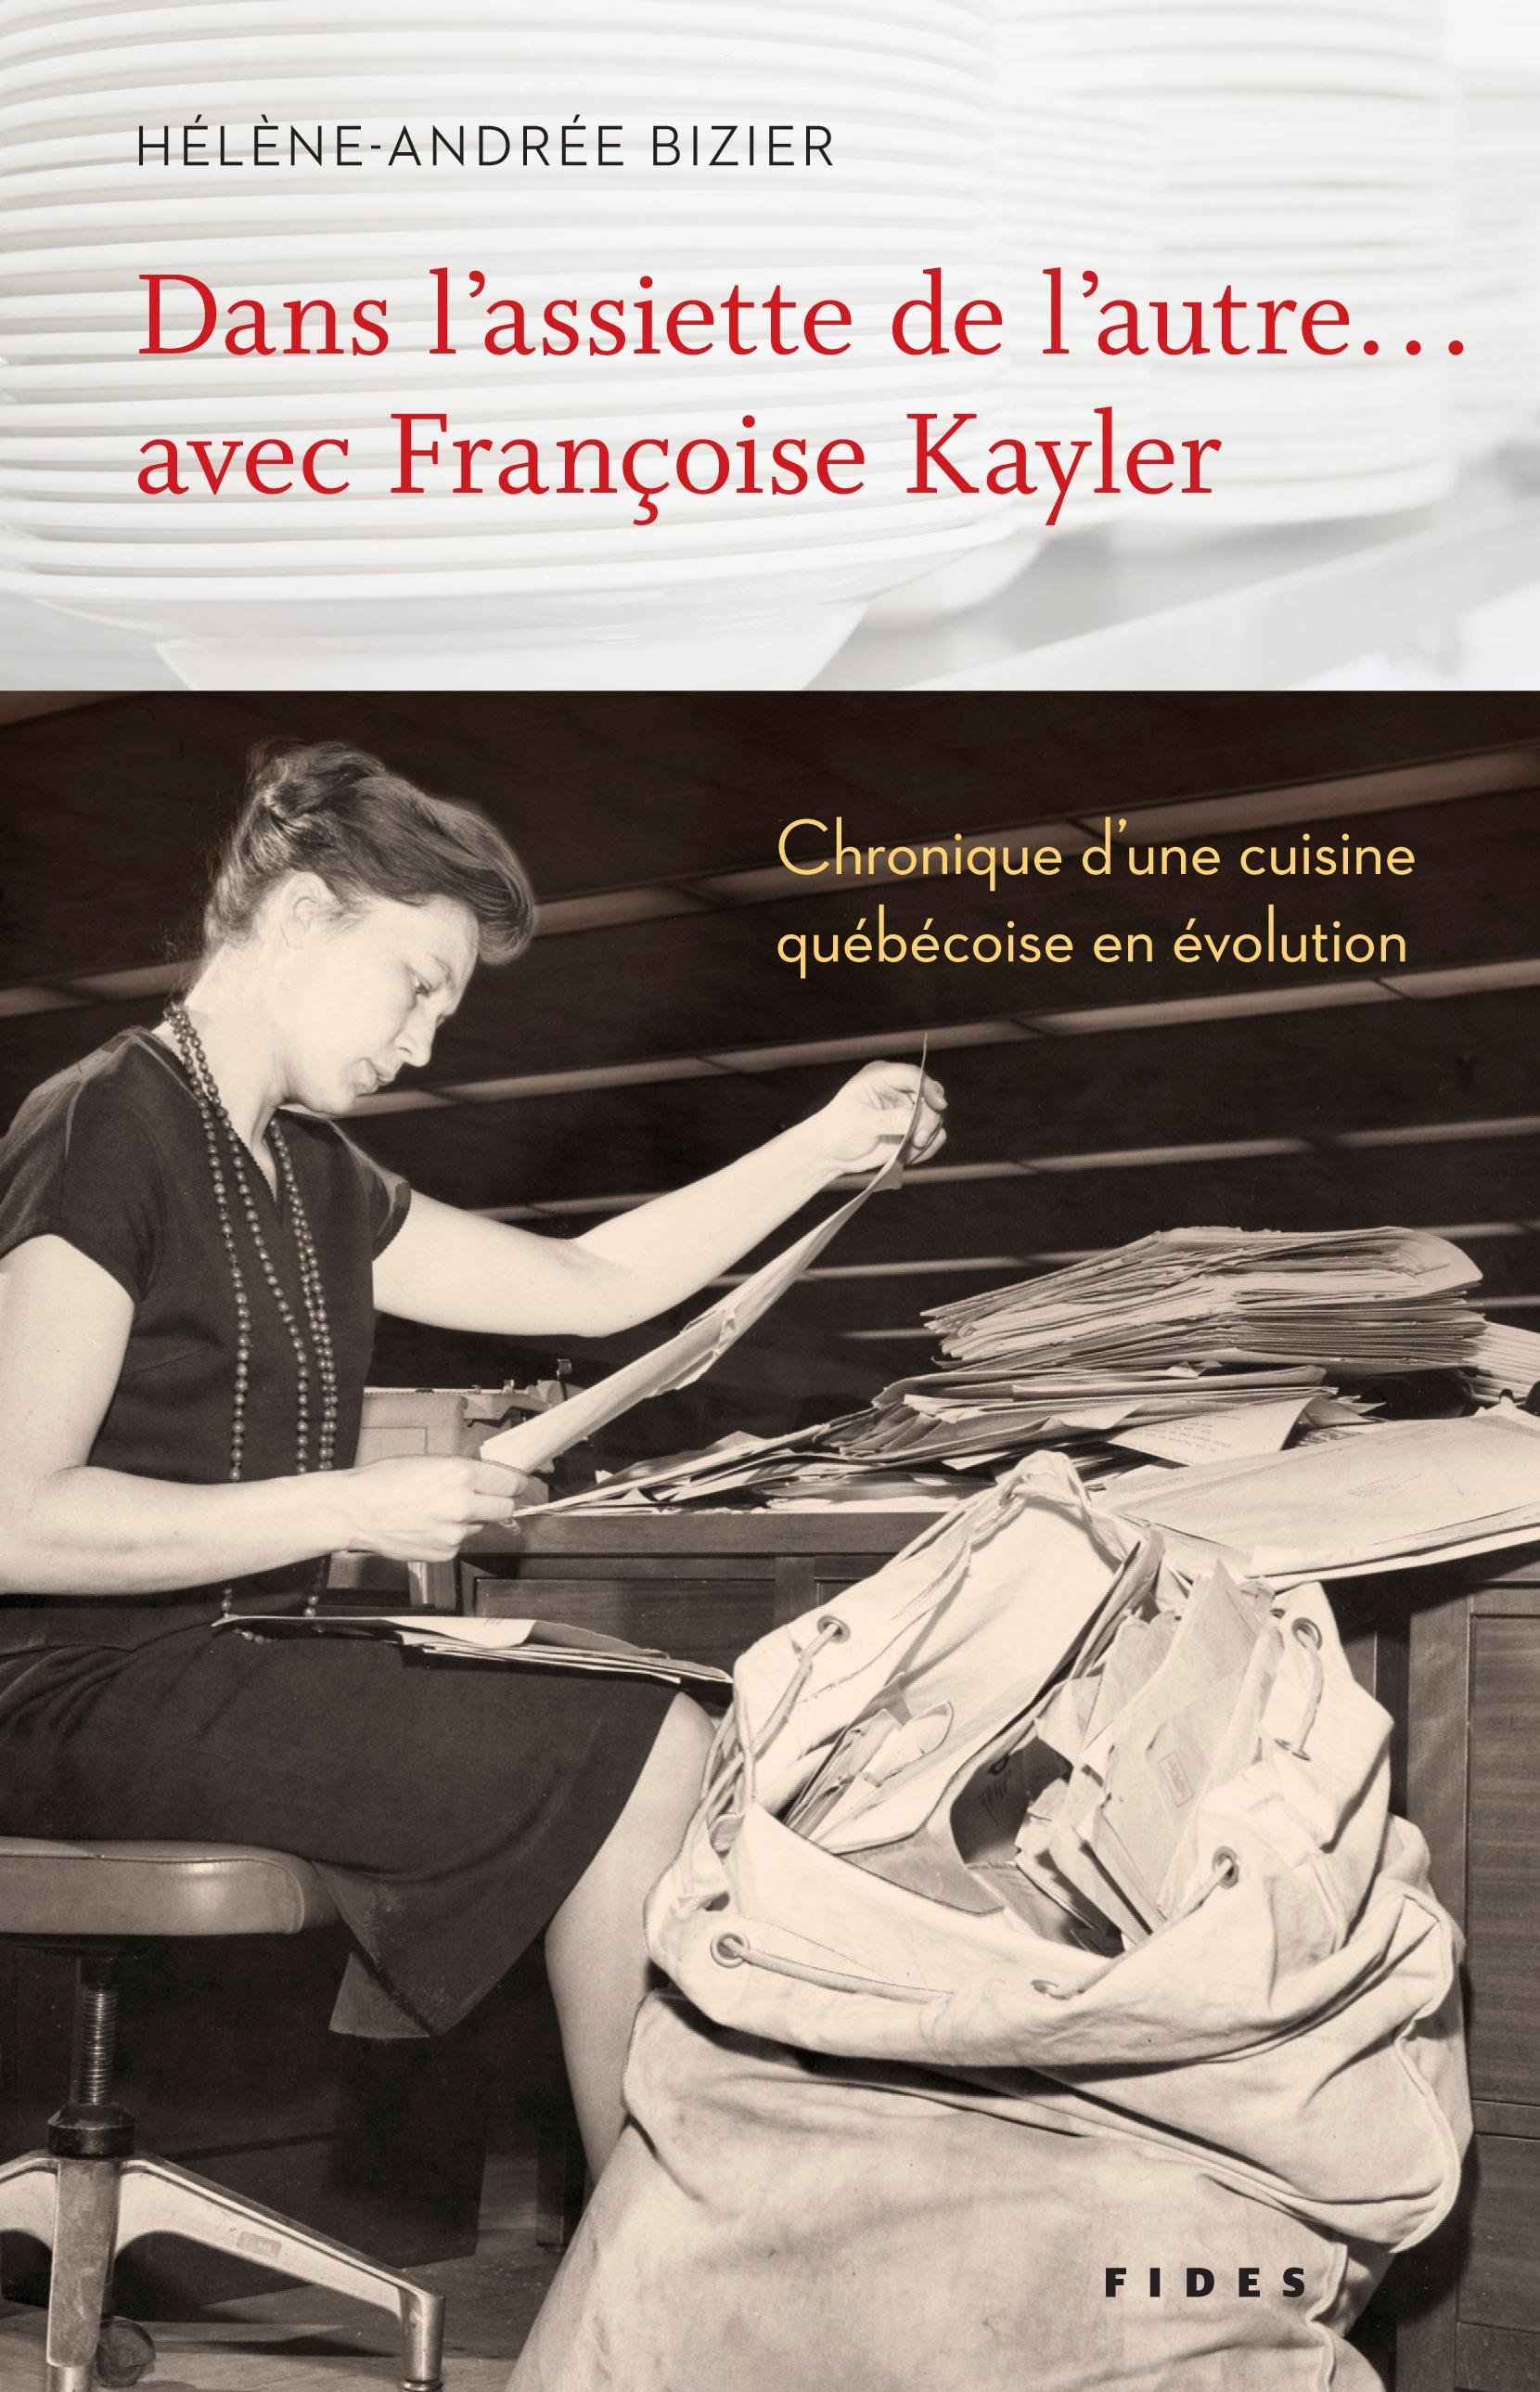 Dans l'assiette de l'autre… avec Françoise Kayler, Chronique d'une cuisine québécoise en évolution